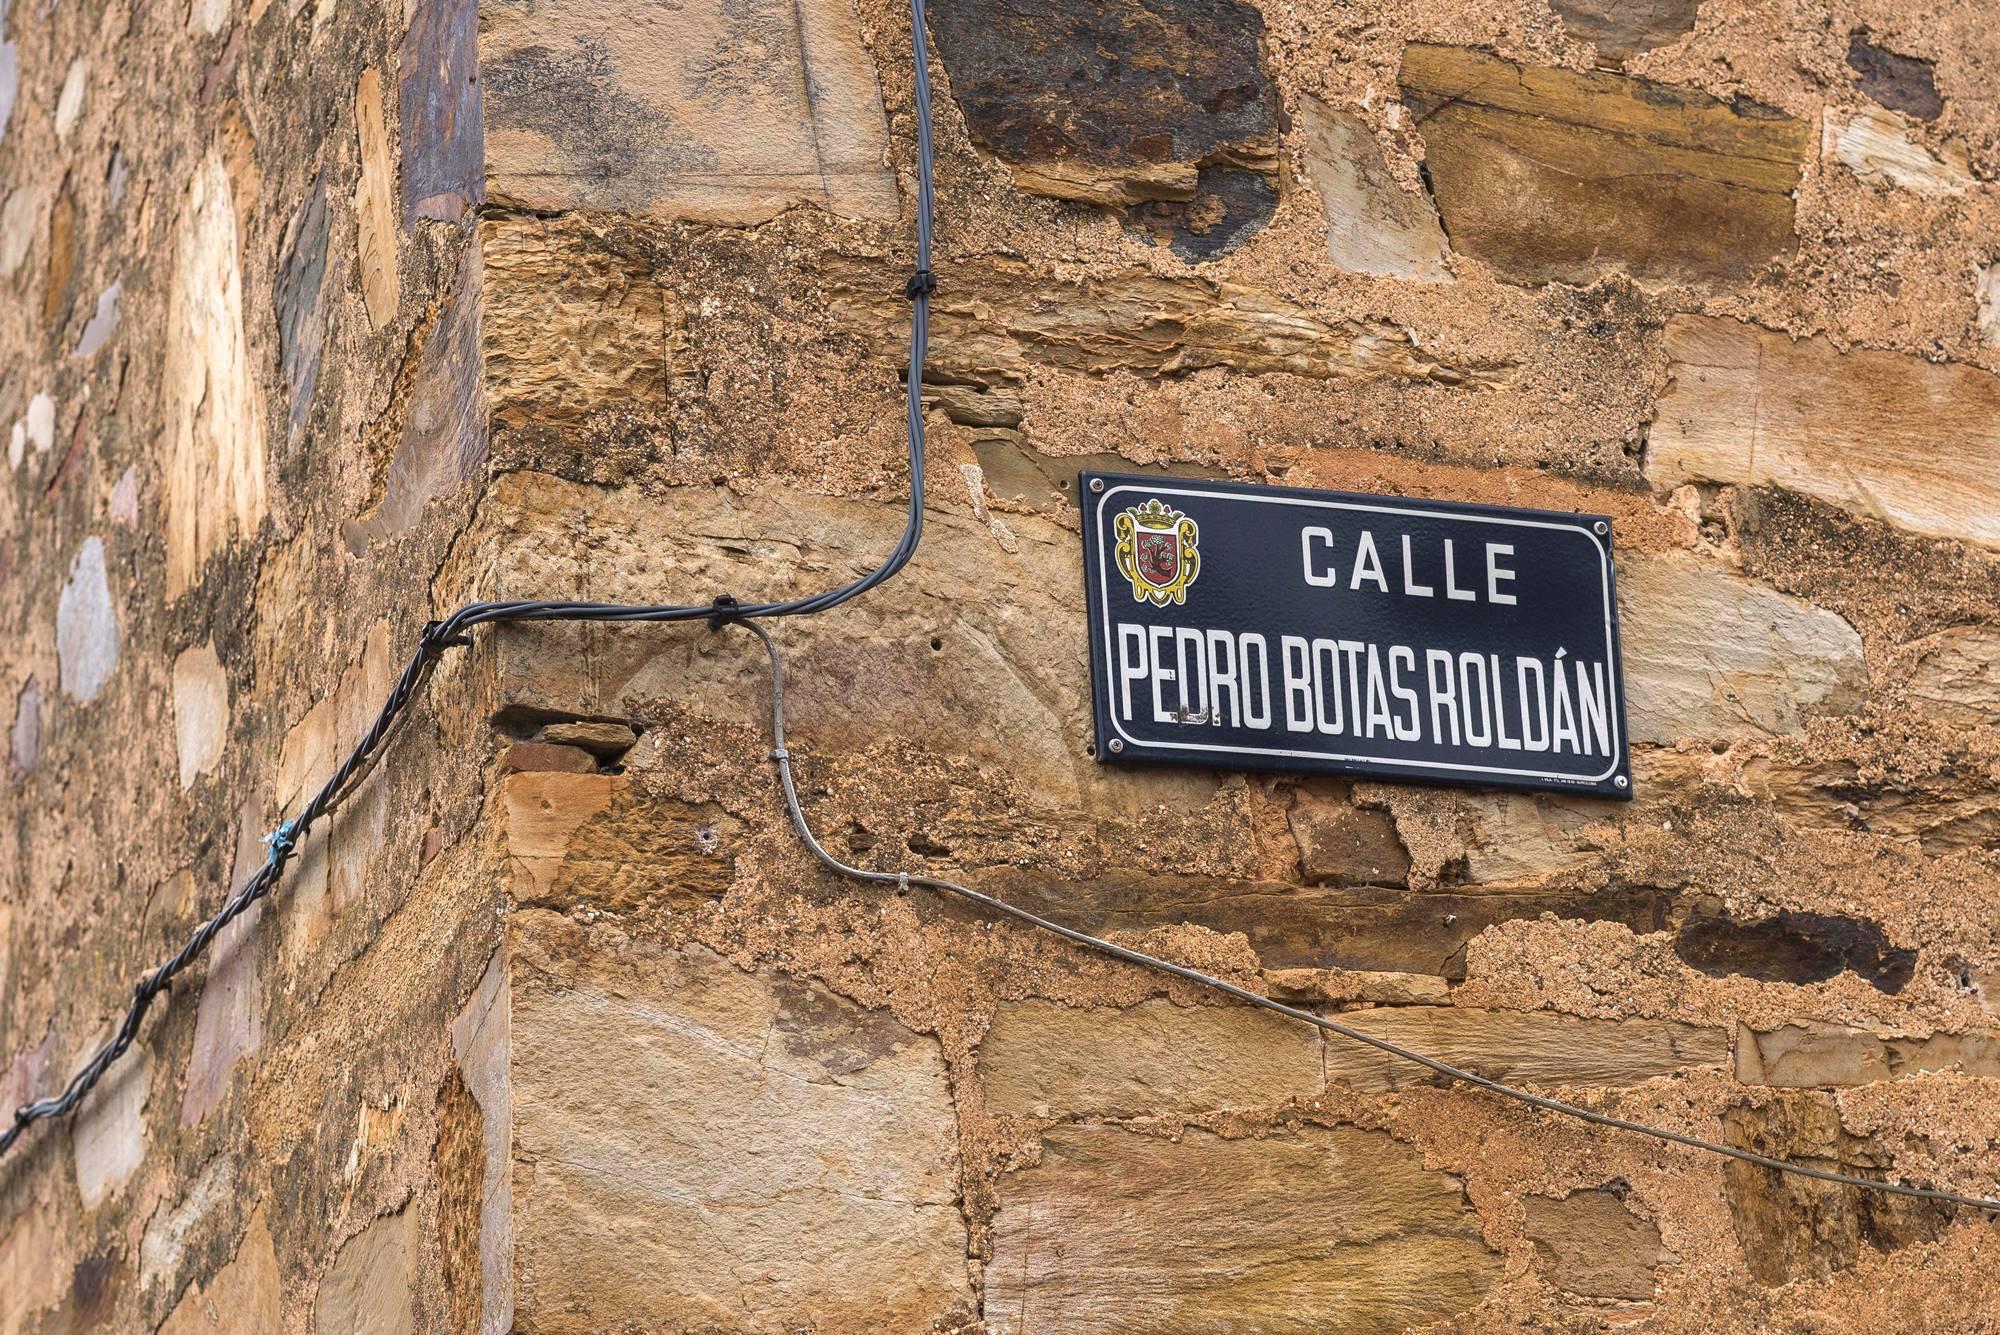 Botas es uno de los apellidos puramente maragatos de Castrillo.